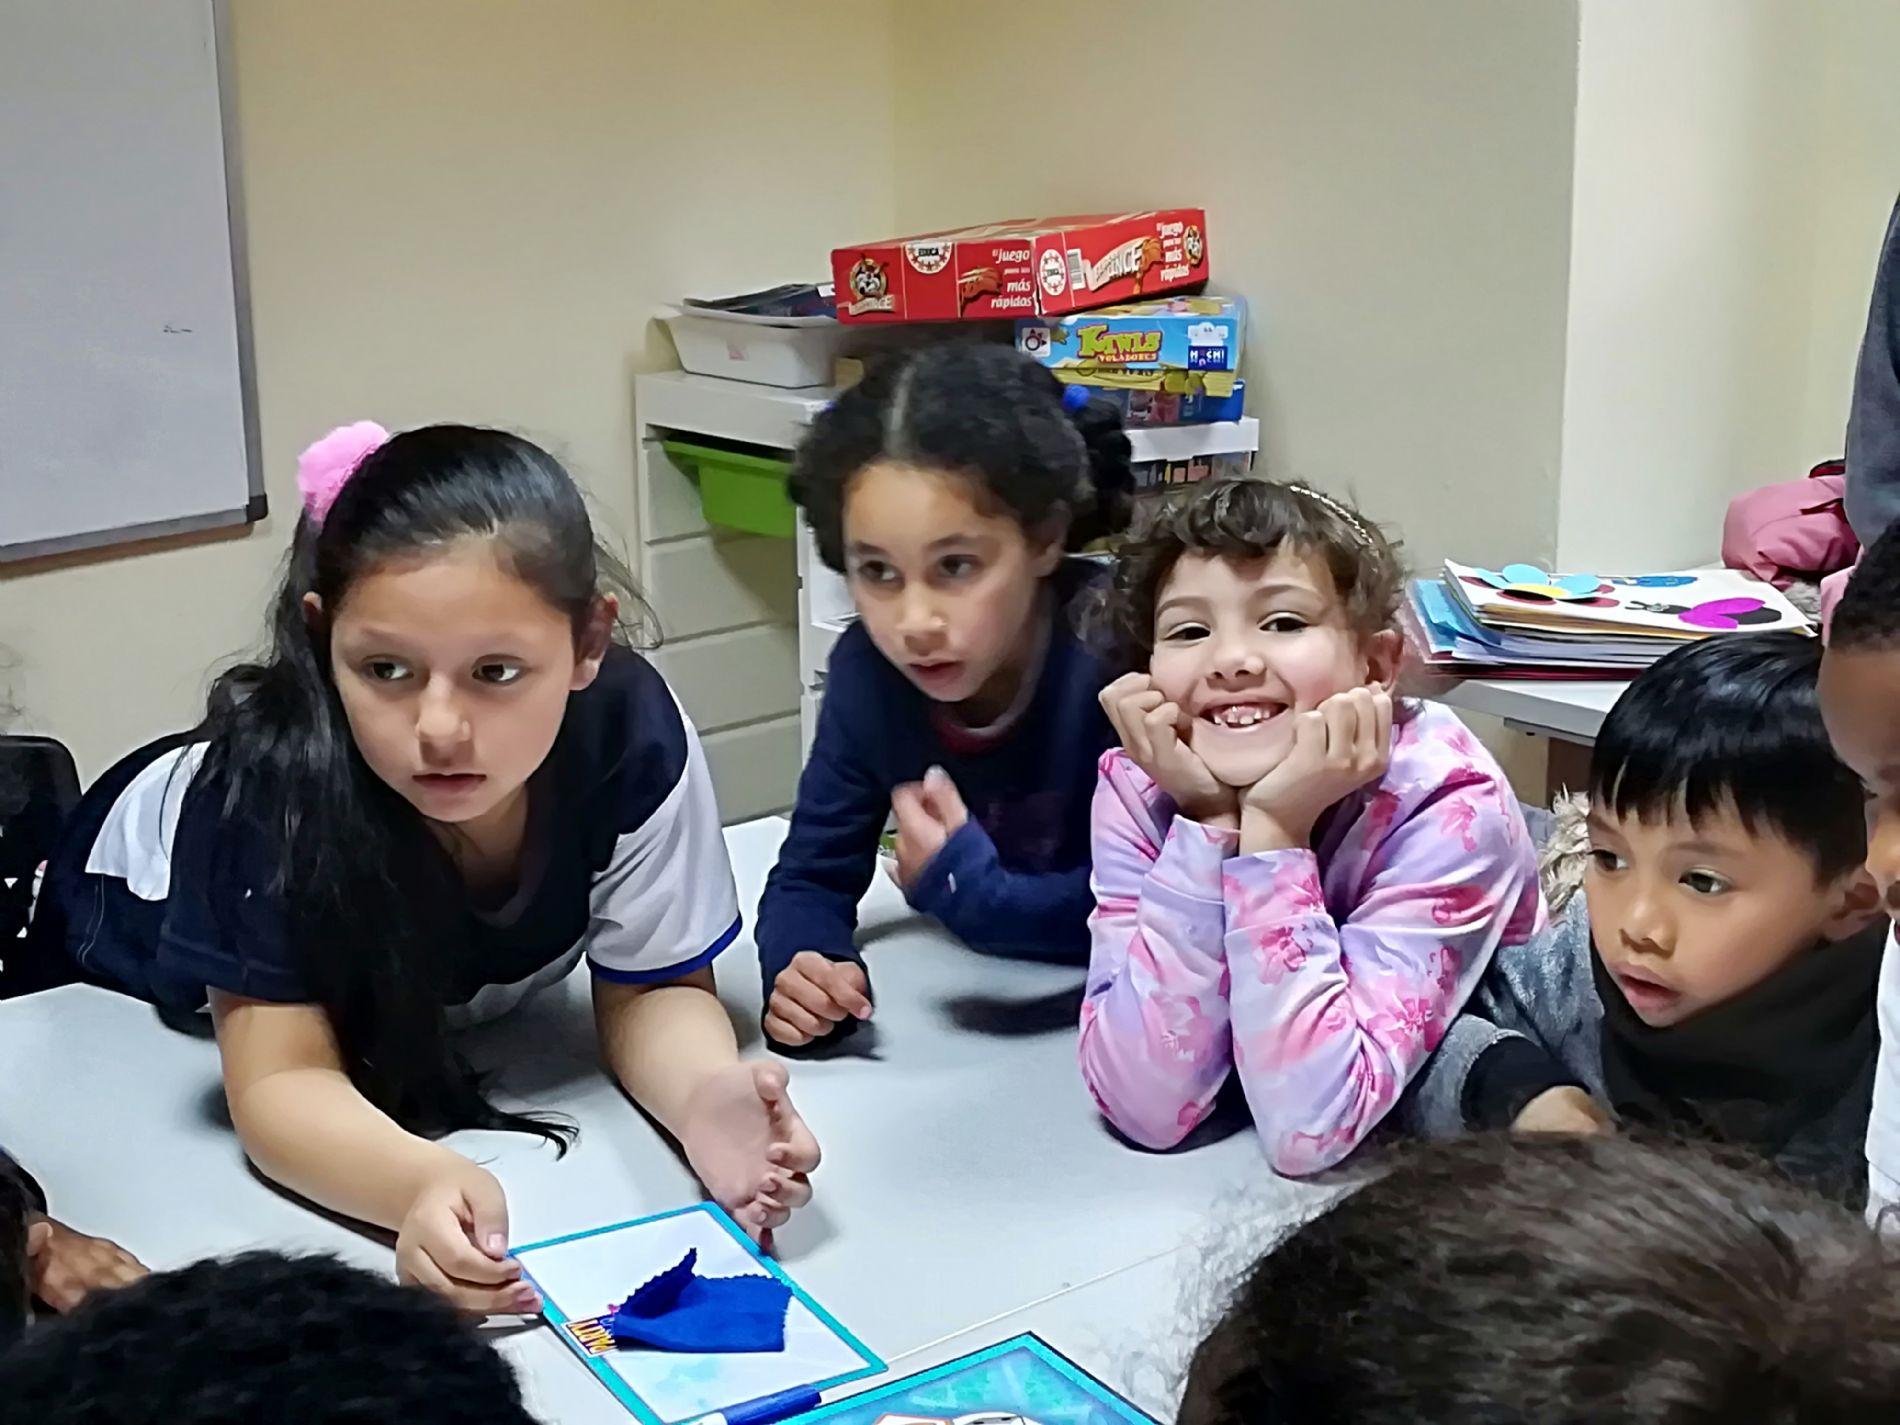 Recorriendo un camino juntos: clases de apoyo escolar en el CEPI de Tetuán